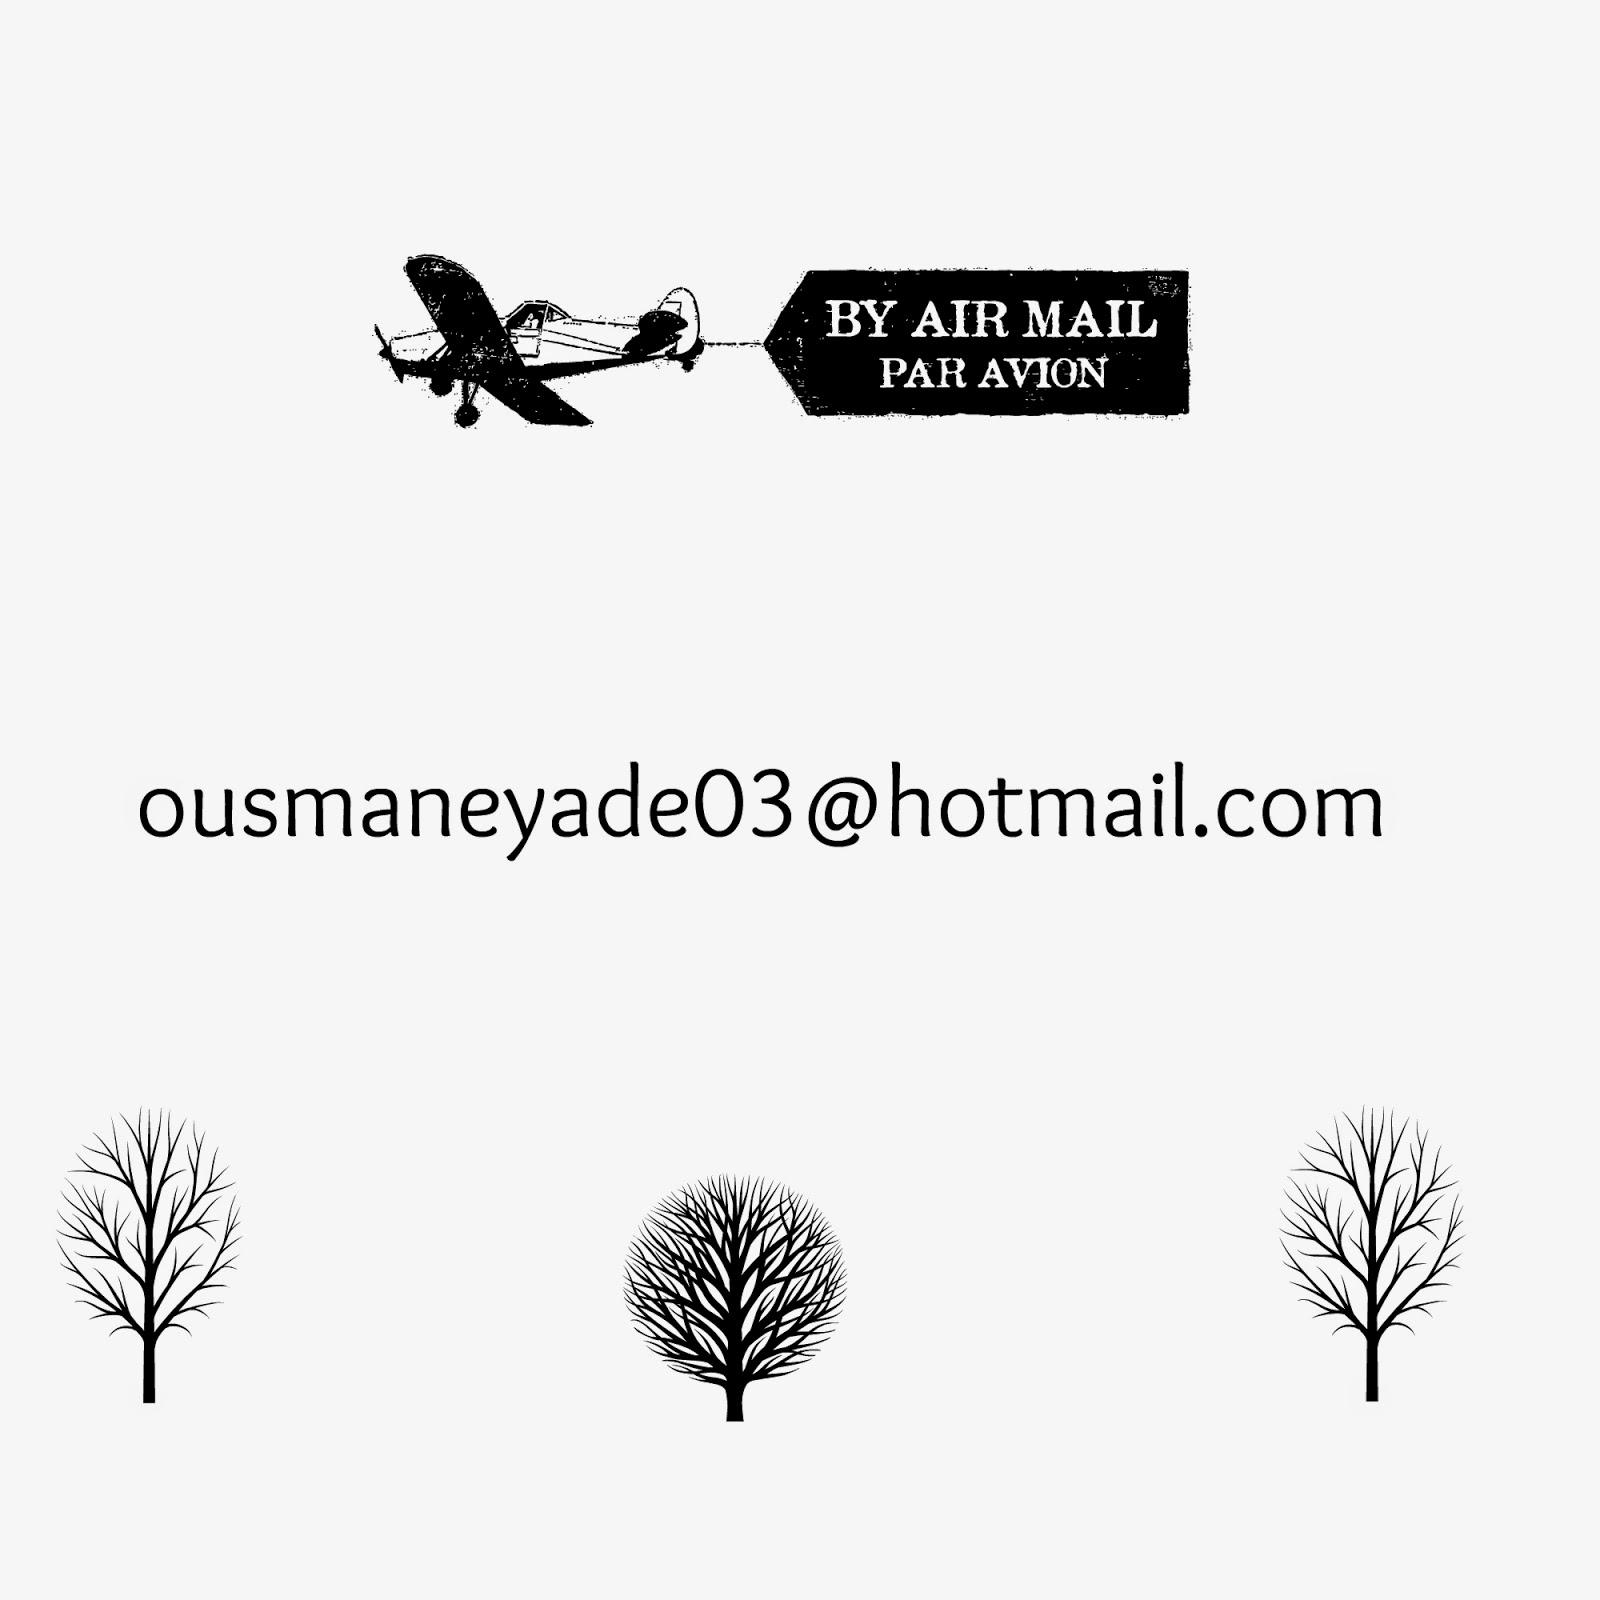 ousmaneyade@hotmail.com